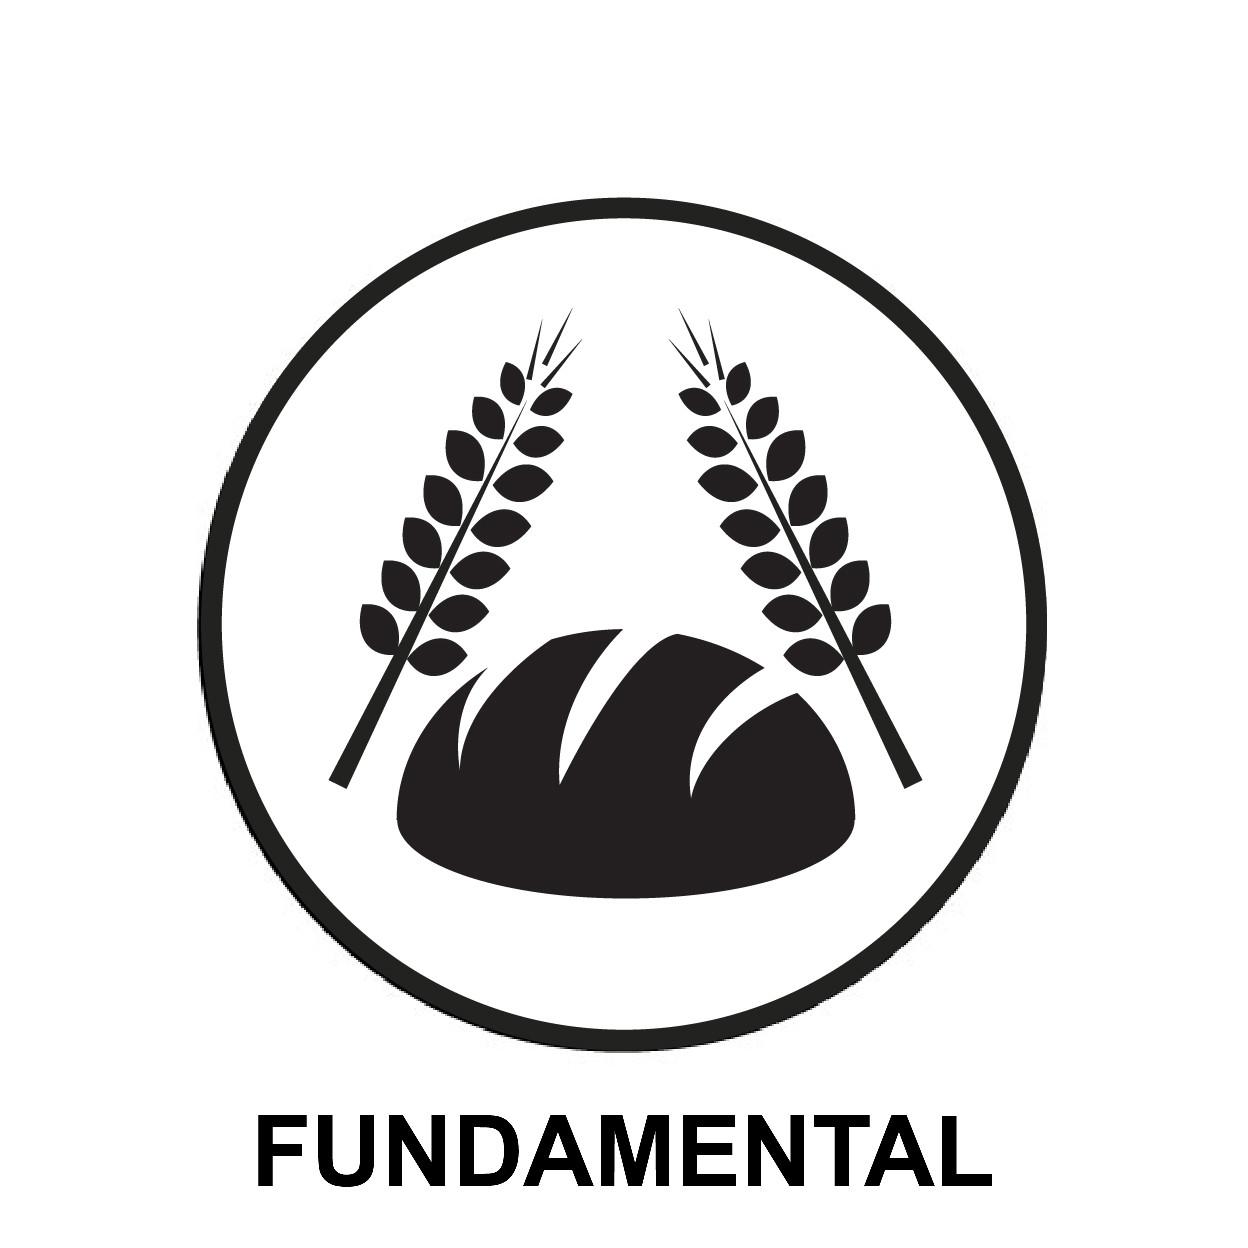 Curso de Panificação Artesanal com Fermentação Natural - Fundamental - Datas: 19 e 20/01/2019